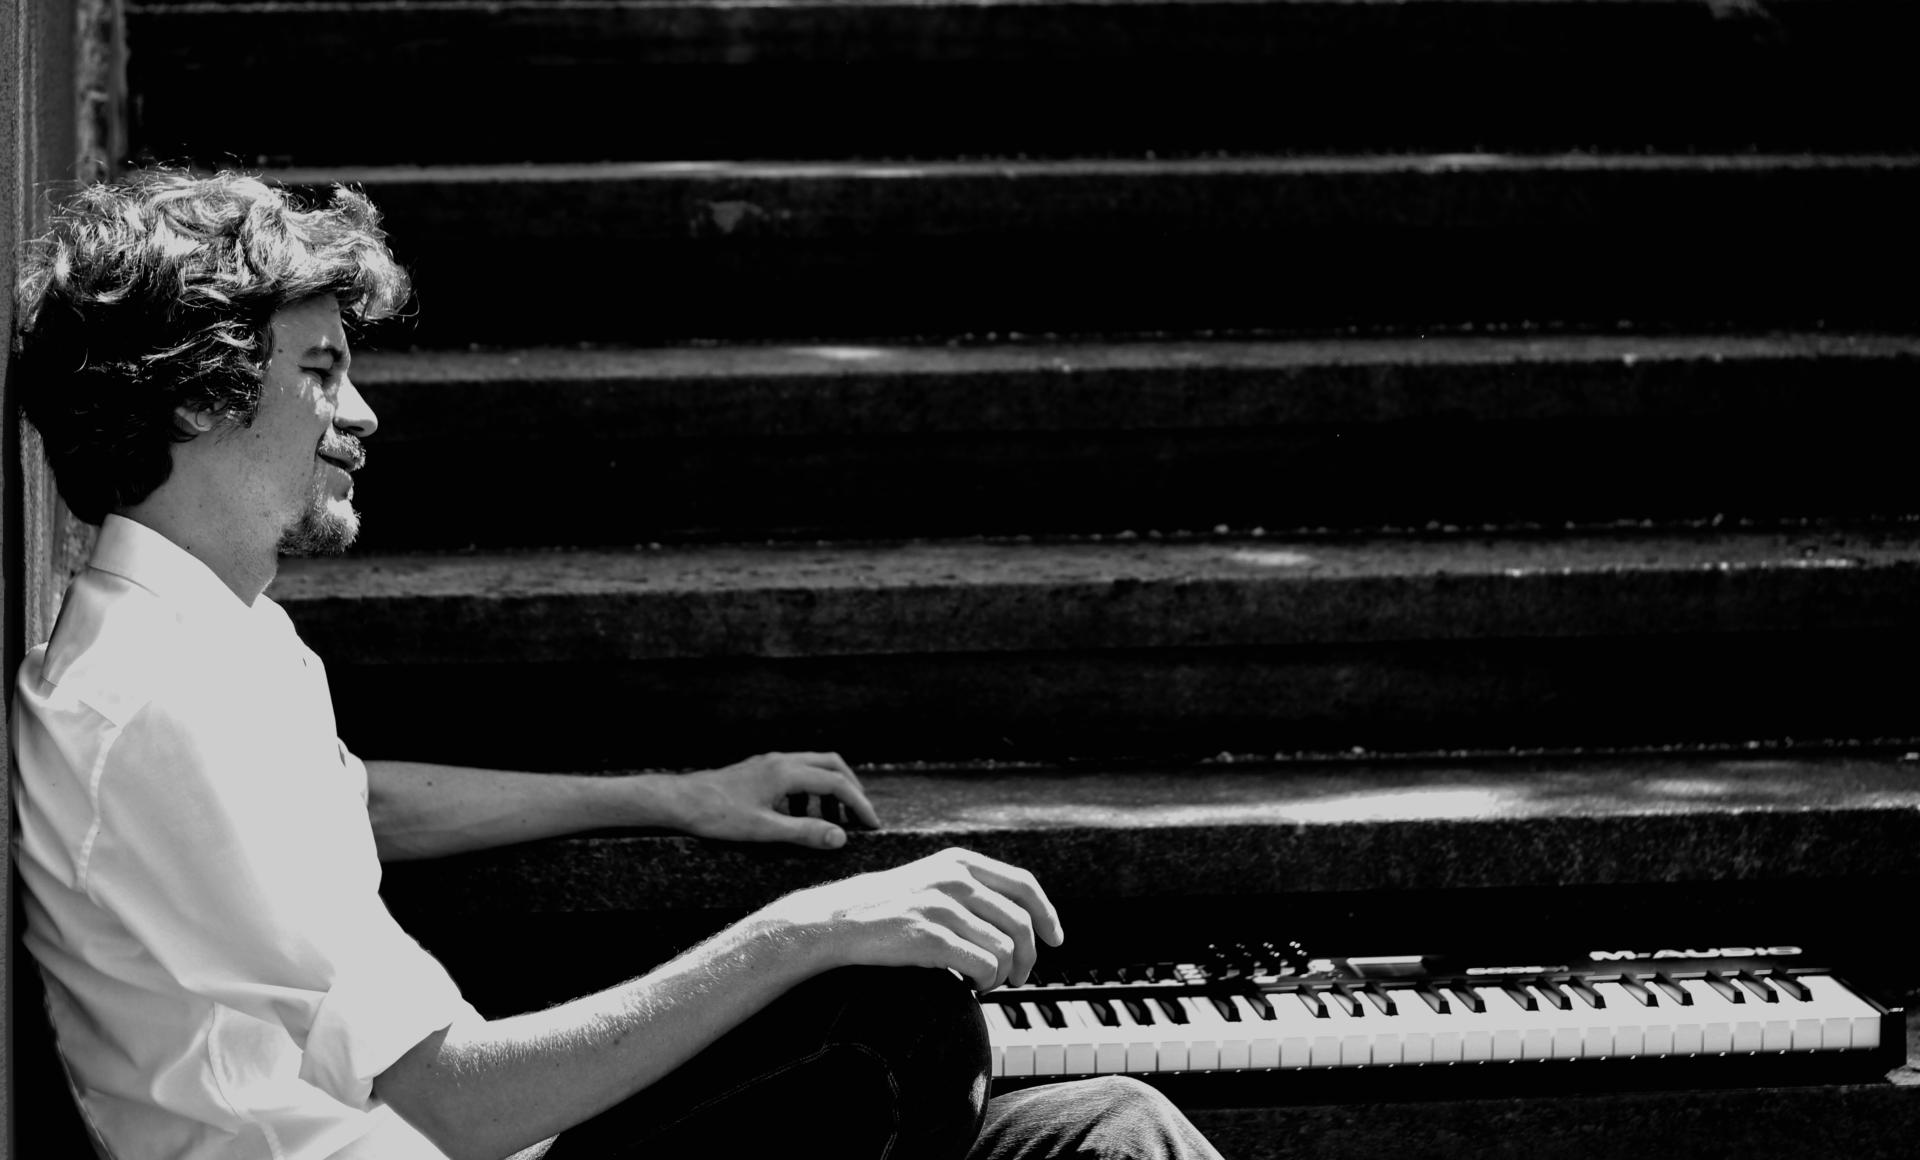 Johannes Wolf – Musician